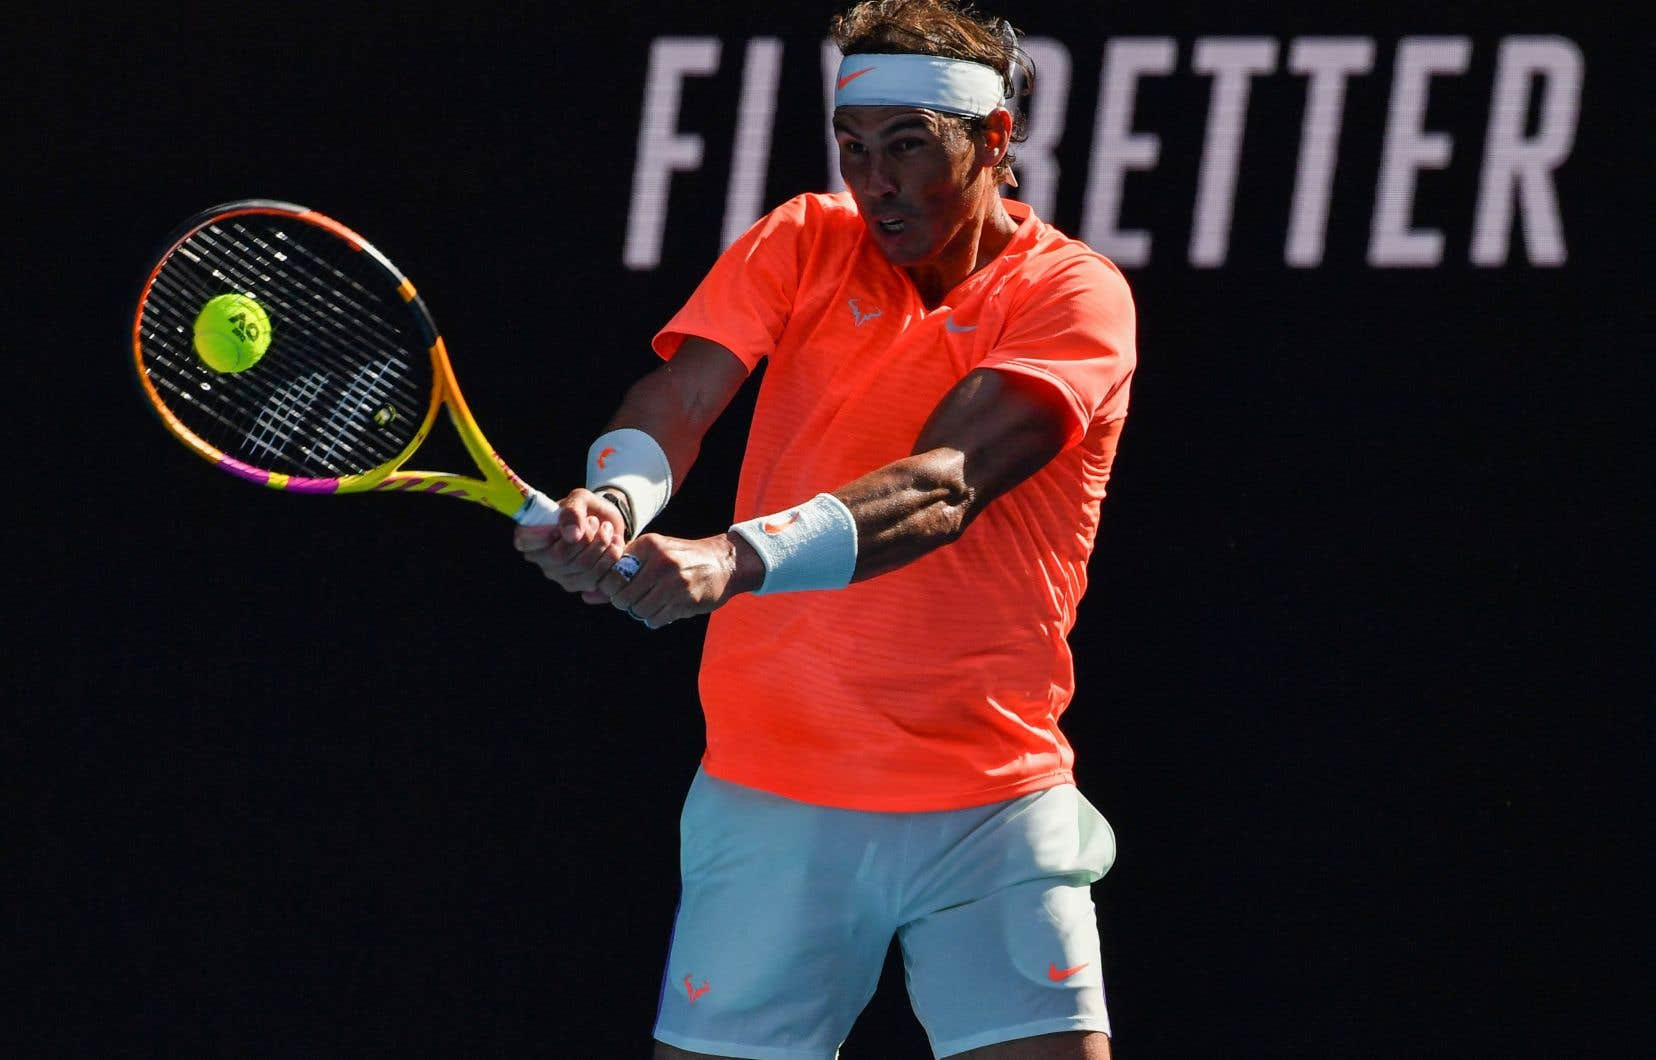 RafaelNadal tente de devenir le premier homme de l'ère professionnelle à remporter chacun des quatre tournois majeurs à deux reprises ou plus.